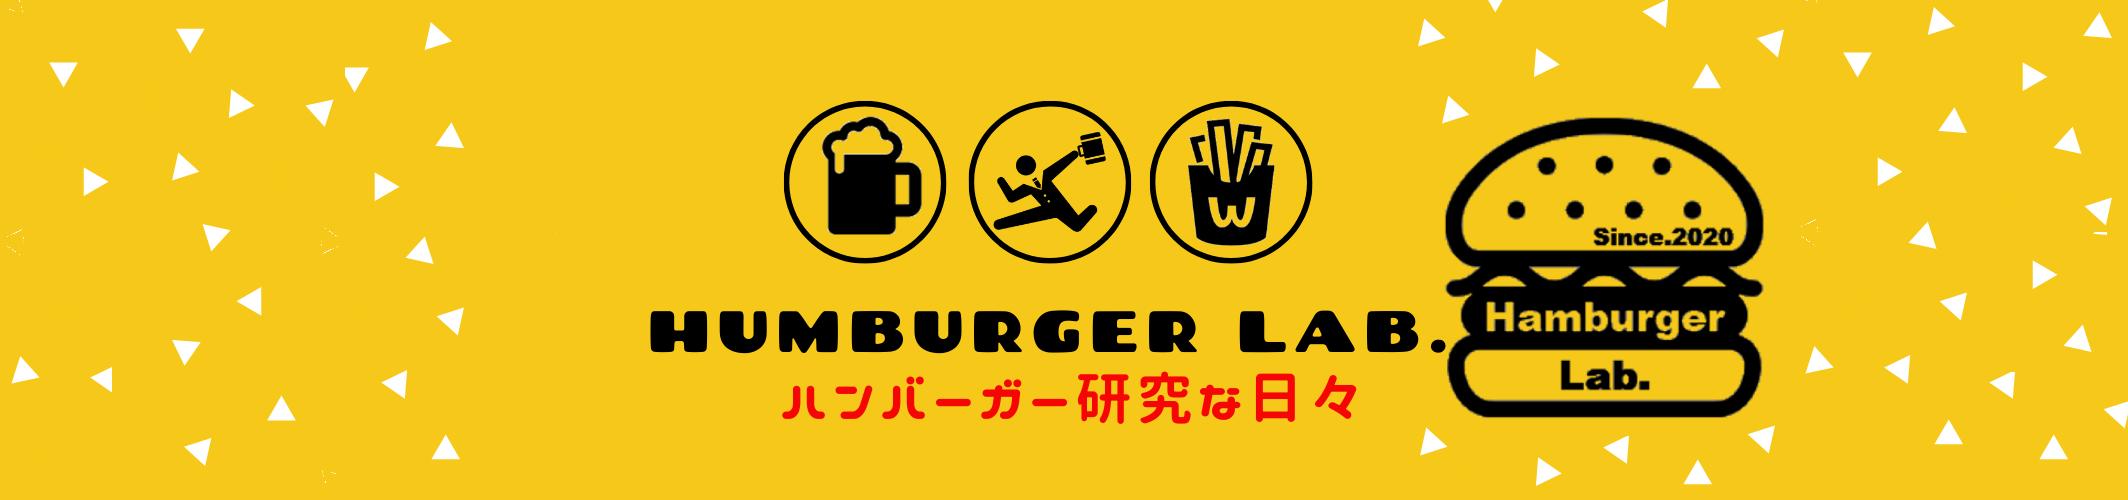 ハンバーガーラボ